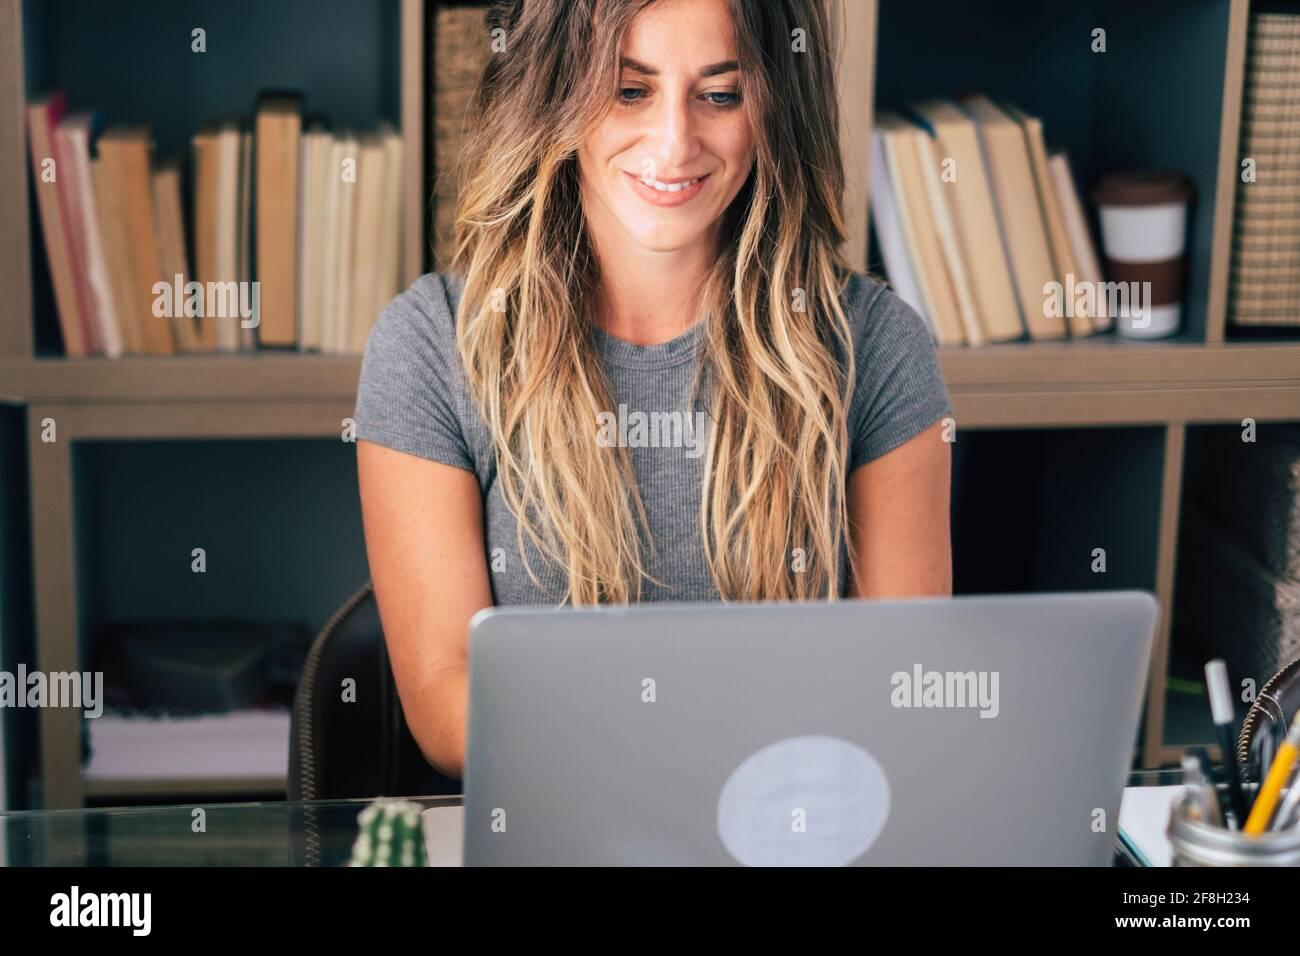 Junge Geschäftsfrau schreiben auf Laptop-Computer zu Hause in smart Arbeiten Büro Arbeit Tätigkeit - Telearbeiter Lifestyle-Konzept Mit hübschem weiblichen pe Stockfoto